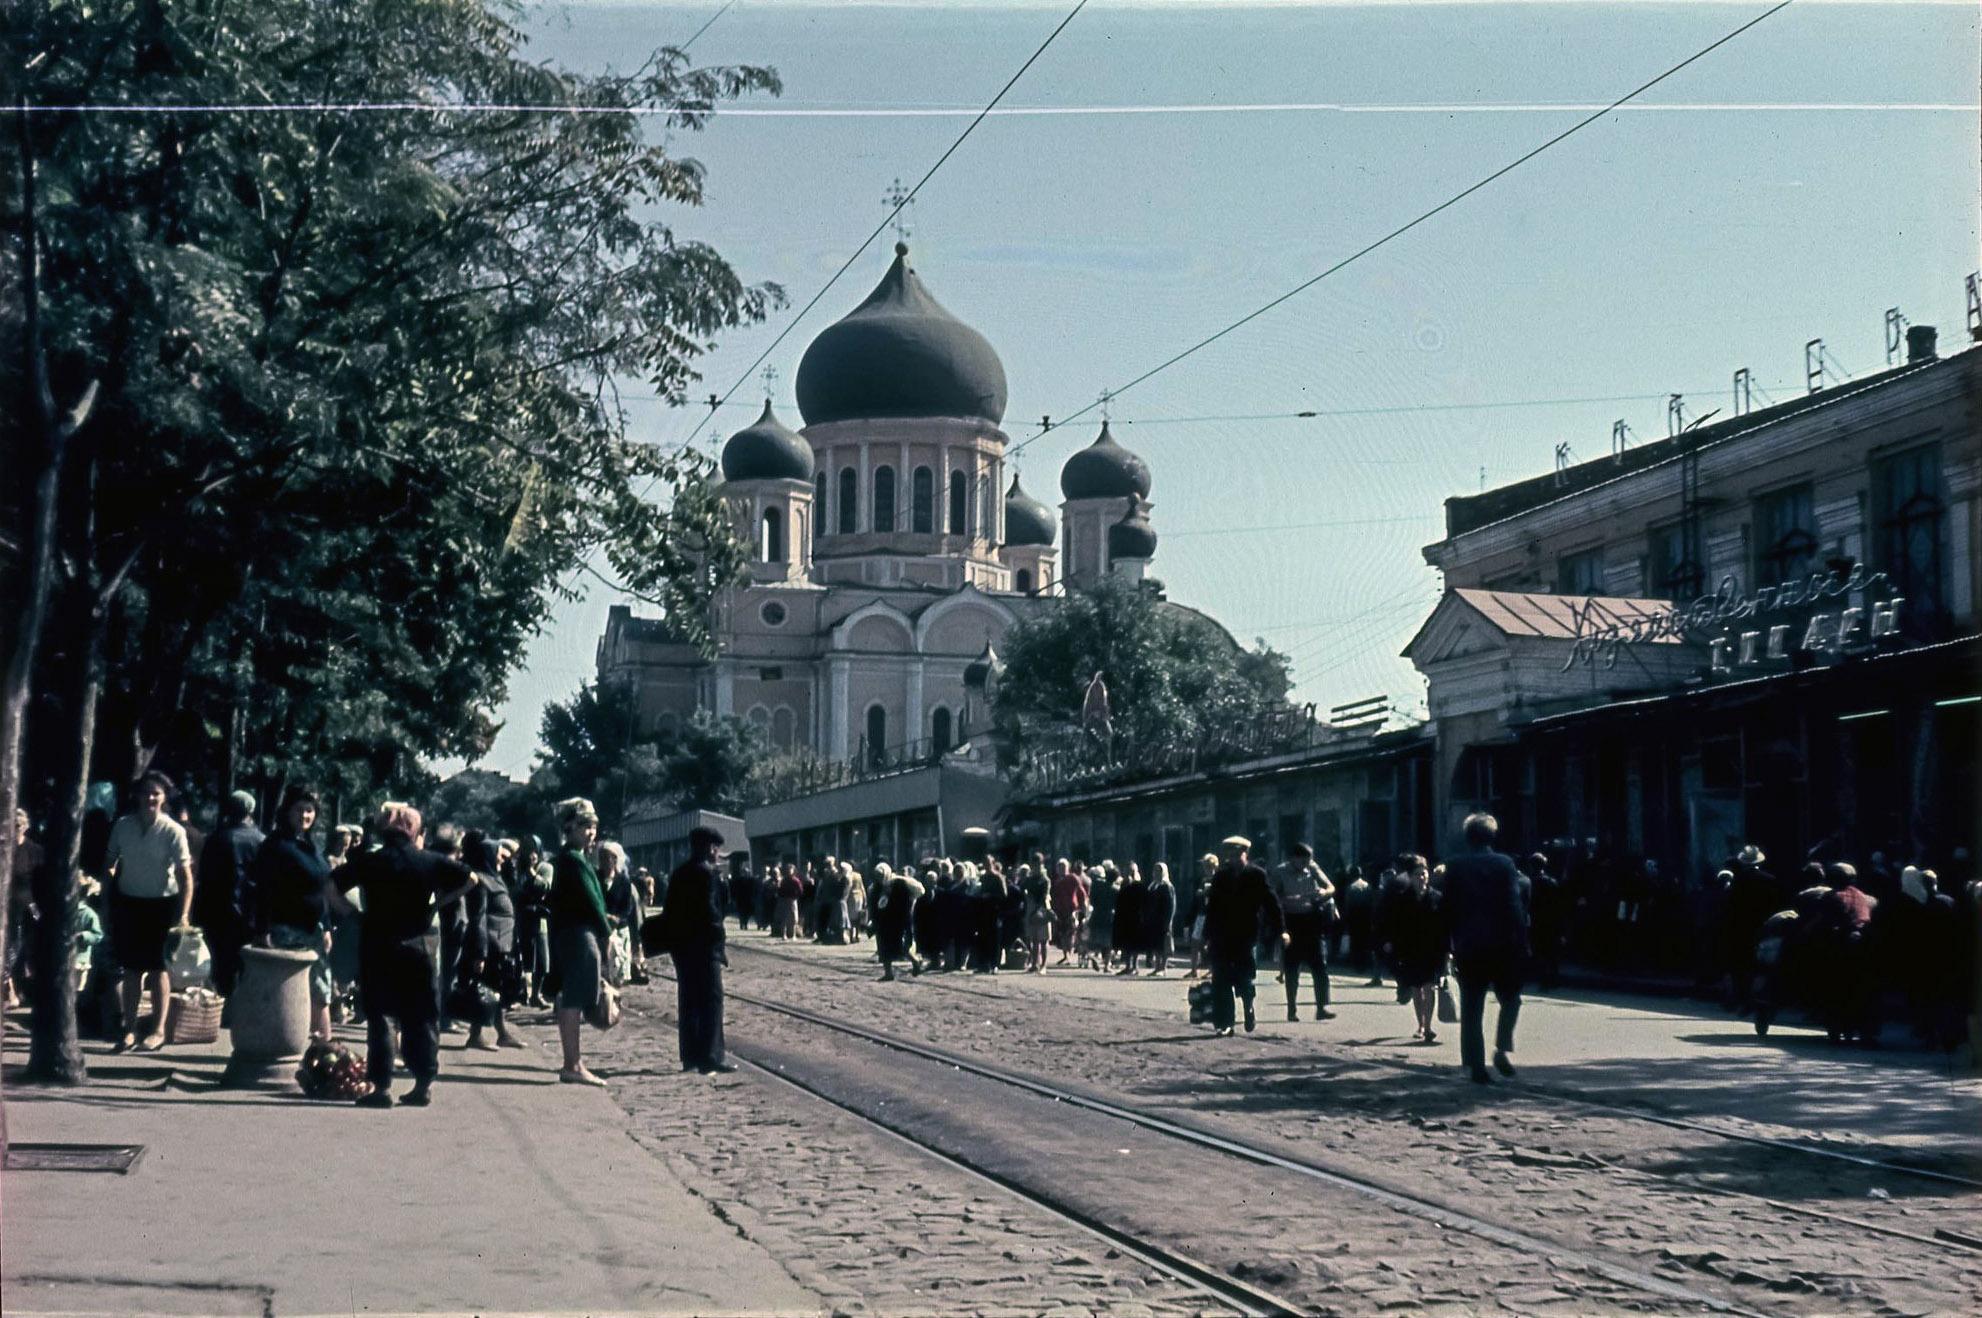 Ростов-на-Дону. Кафедральный собор